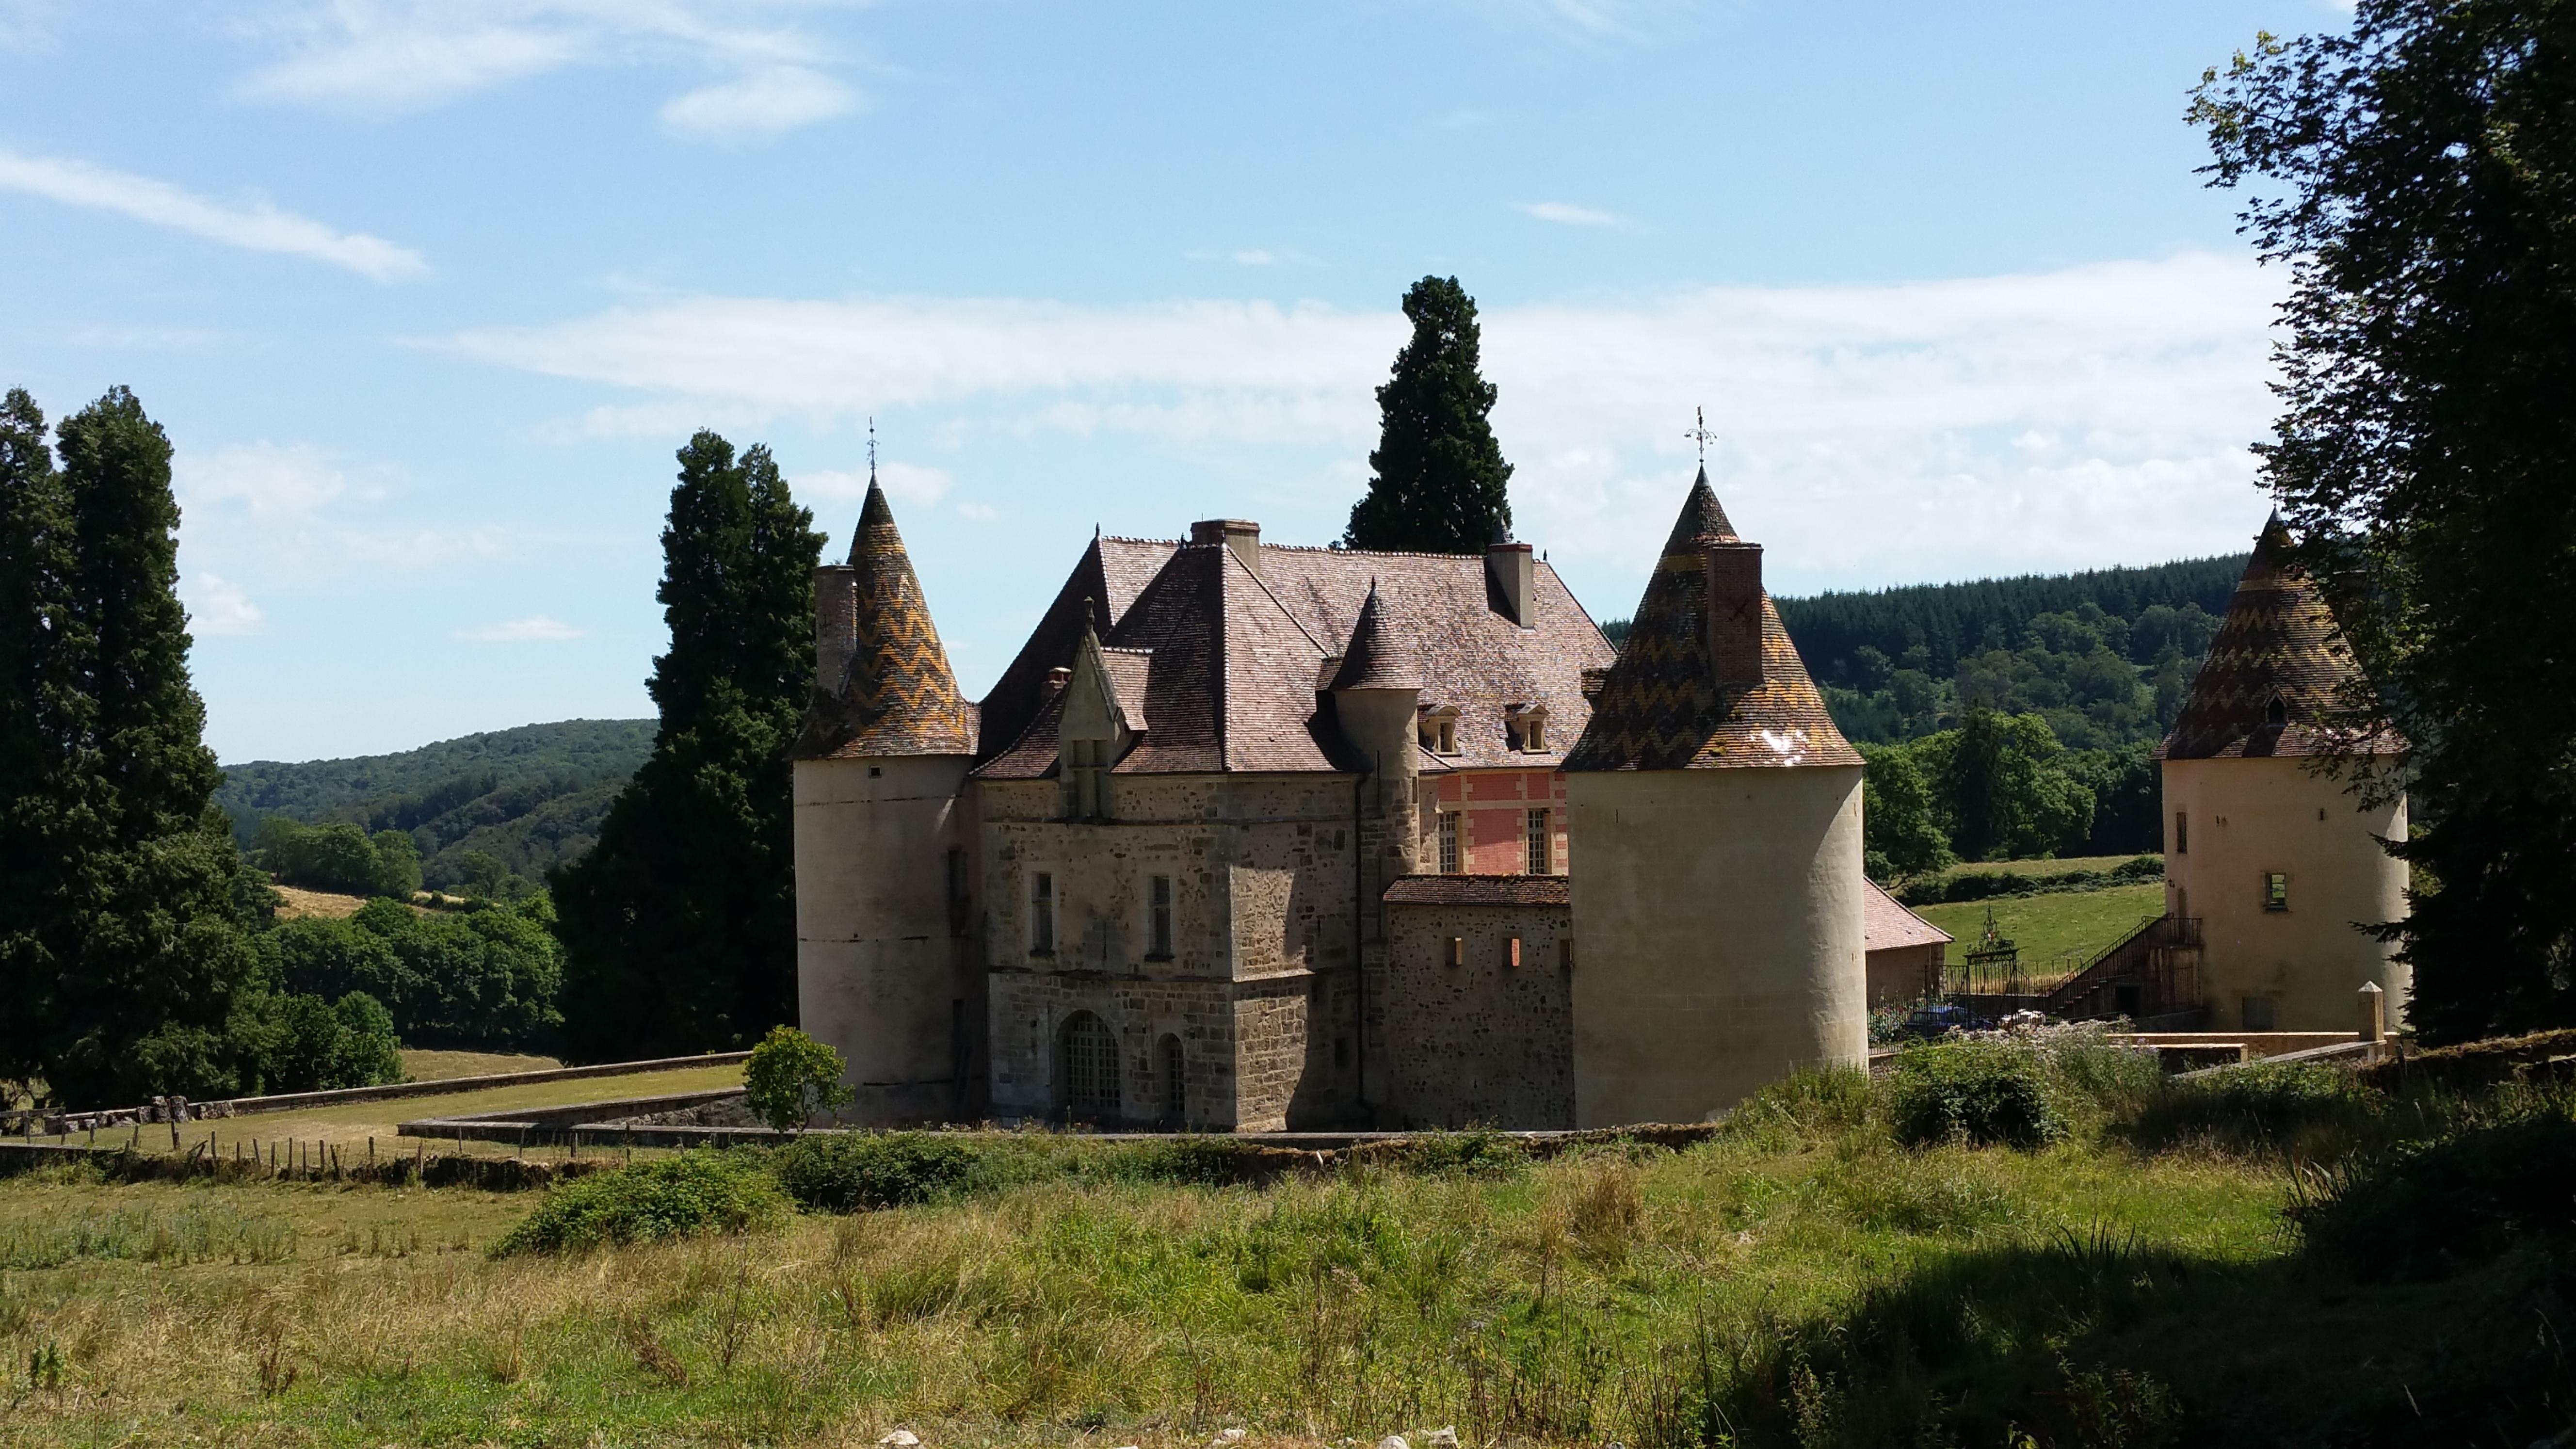 Camping Ménessaire bij kasteel in Bretagne